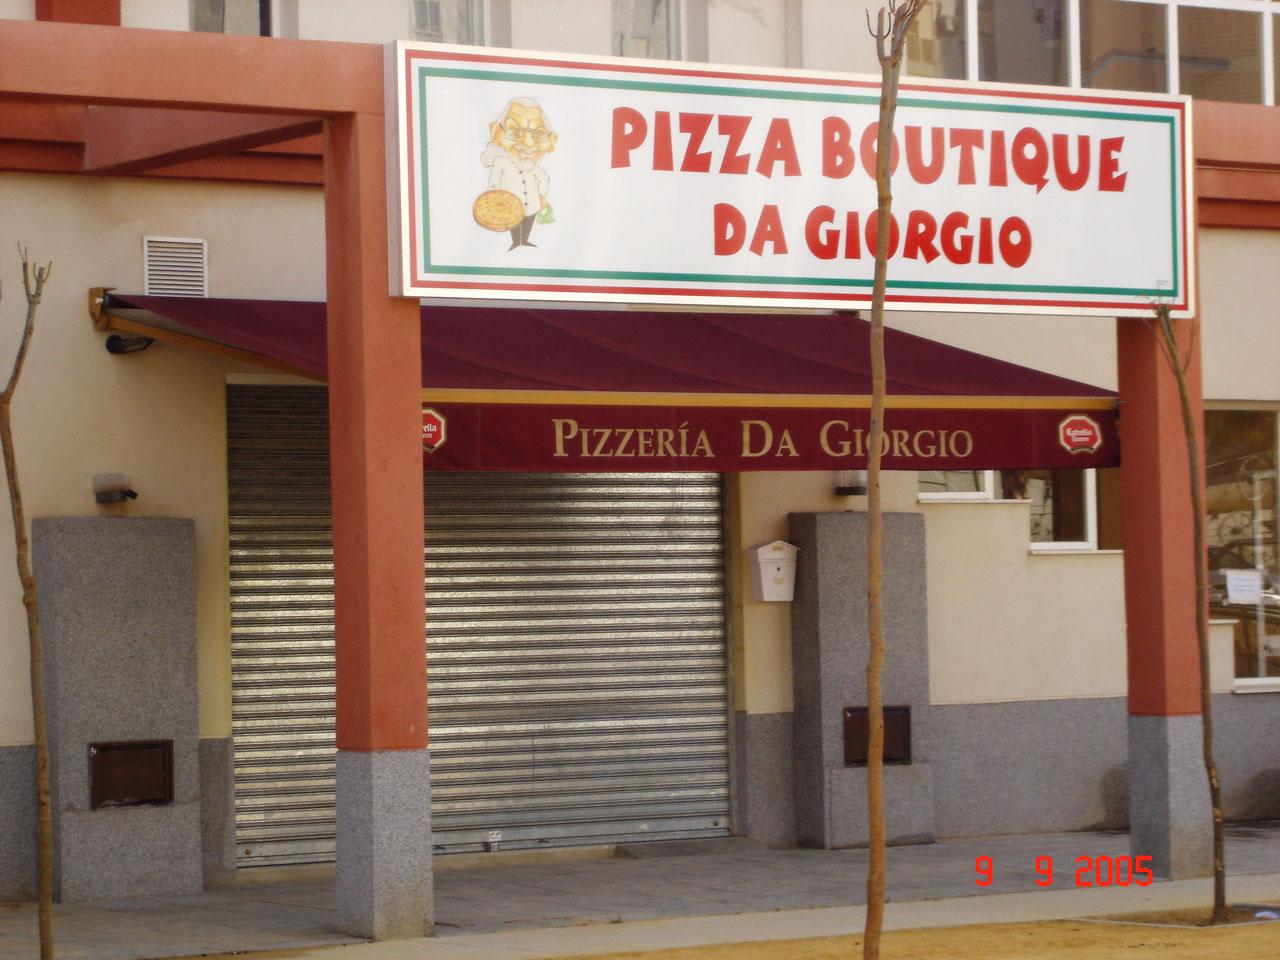 K2Ingenieros Ingeniería (Hostelería) - Pizza Boutique Da Giorgio